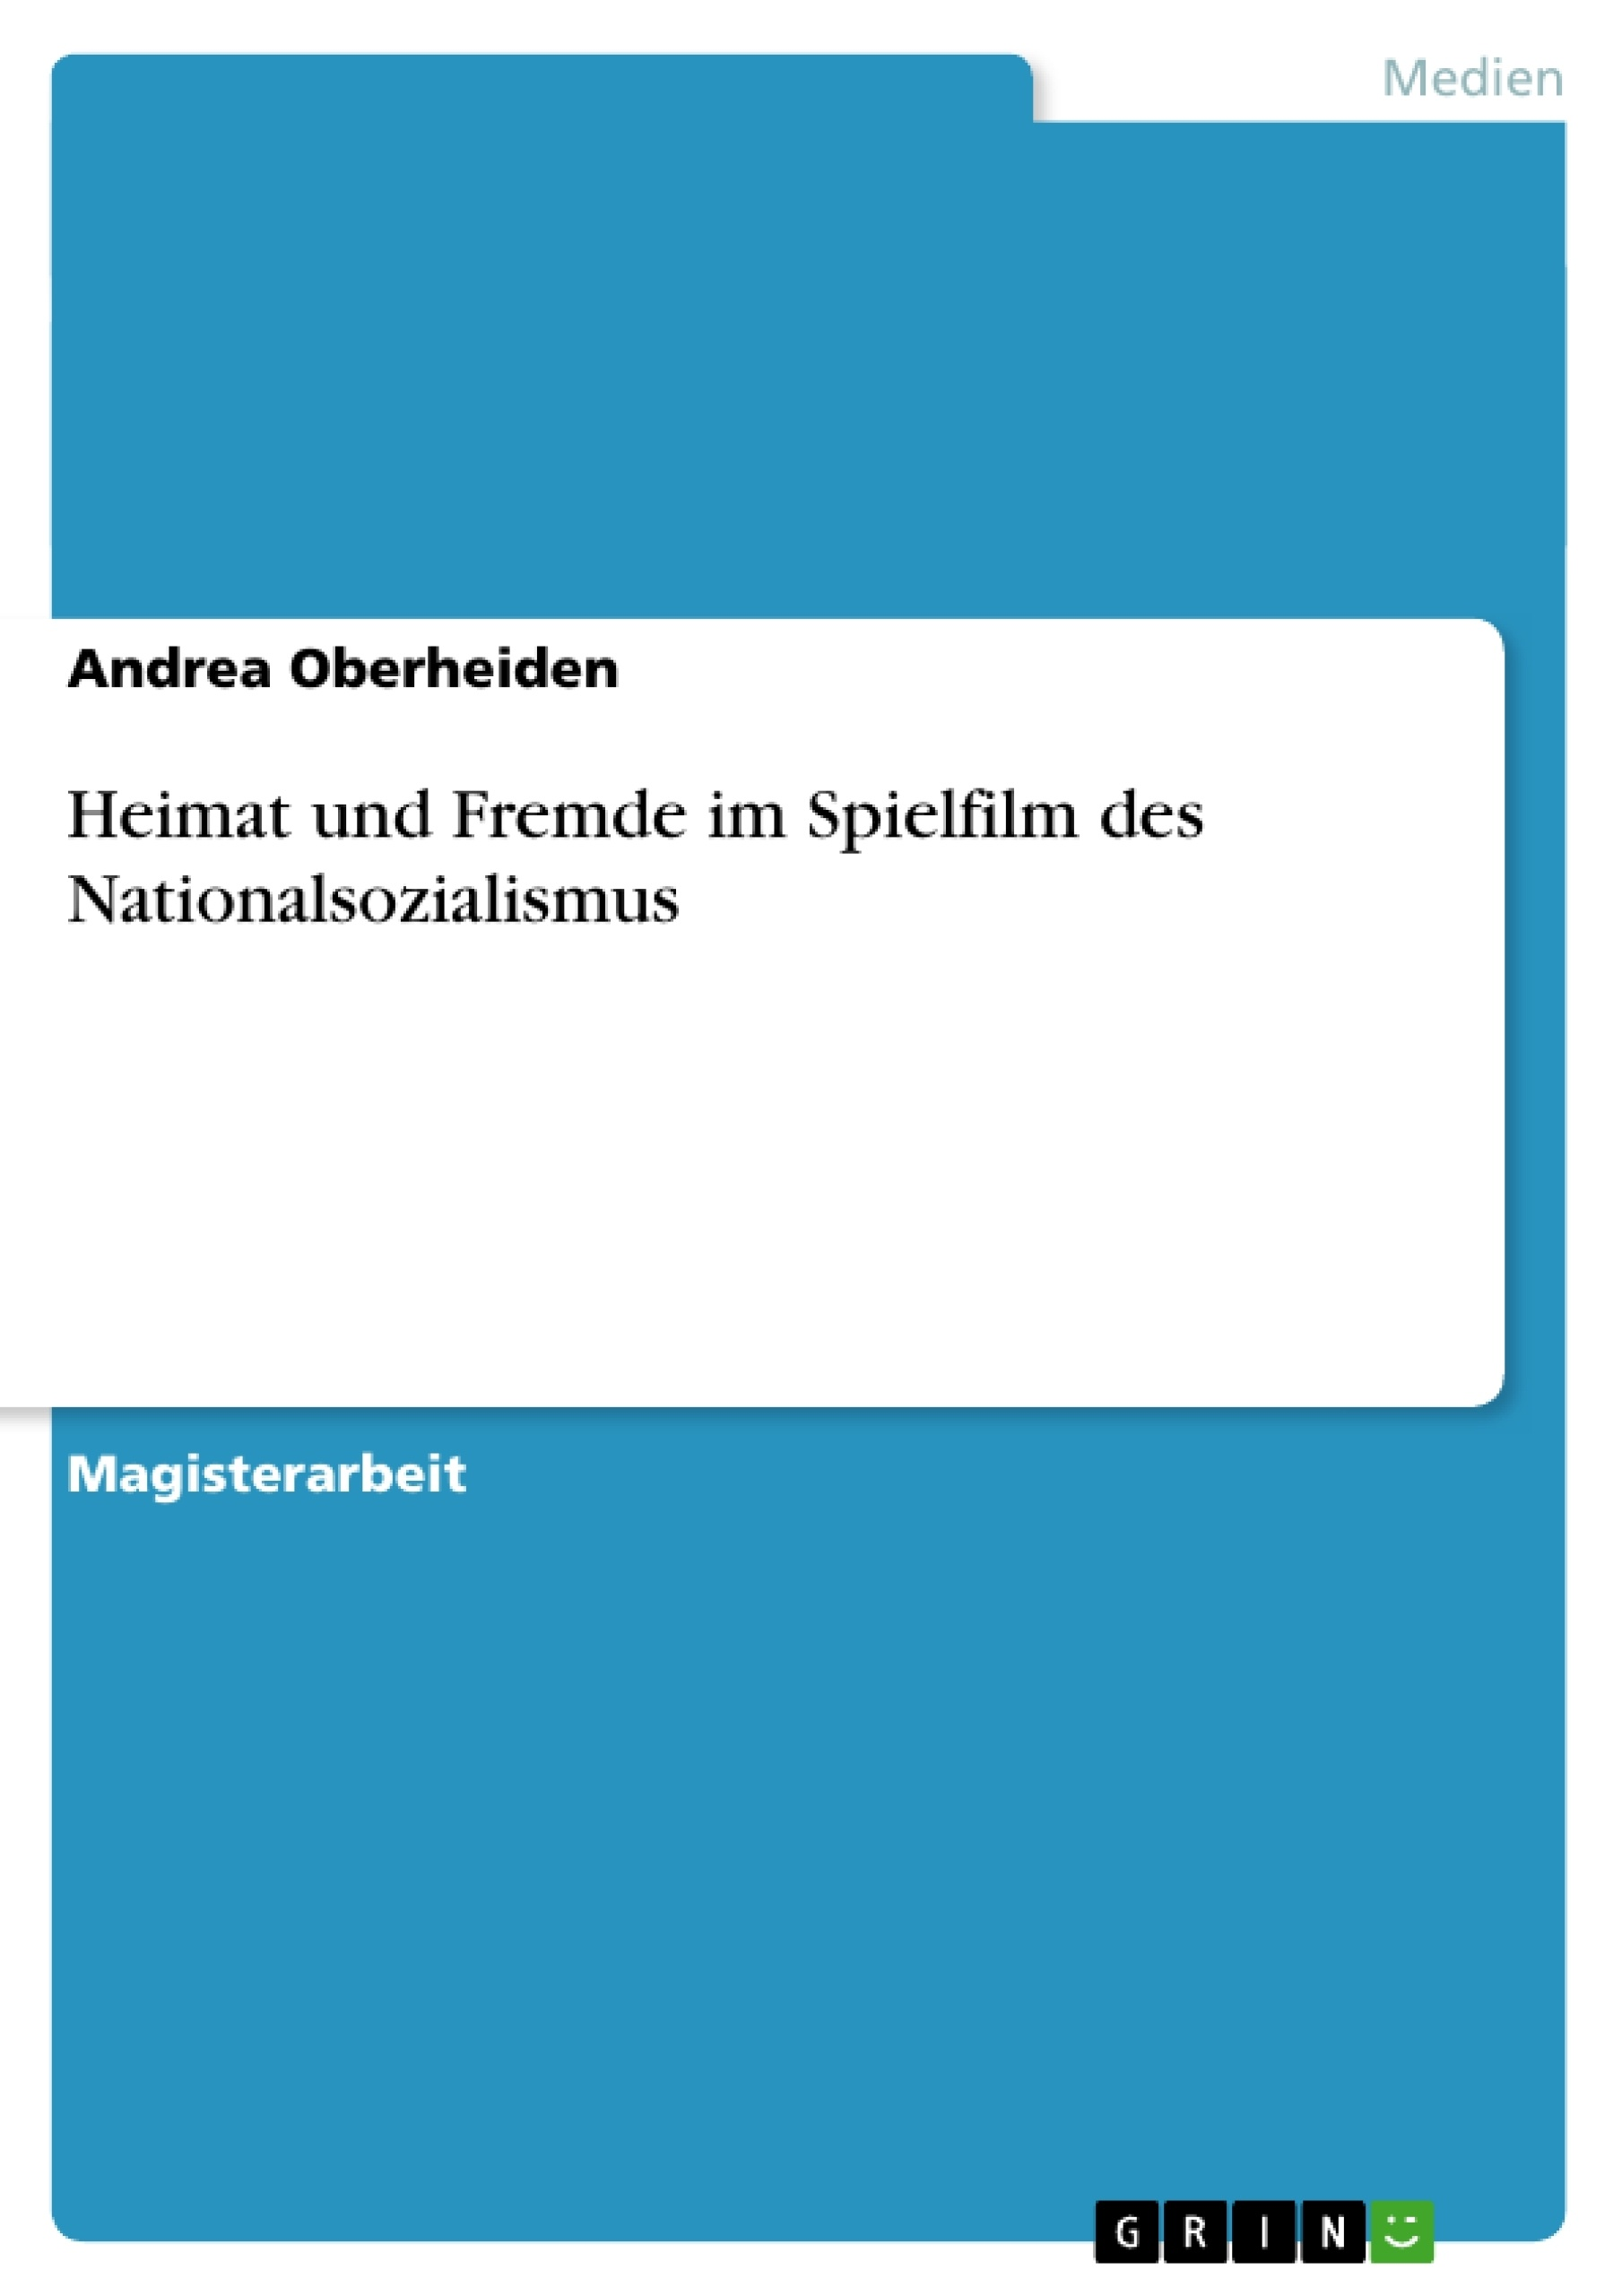 Titel: Heimat und Fremde im Spielfilm des Nationalsozialismus